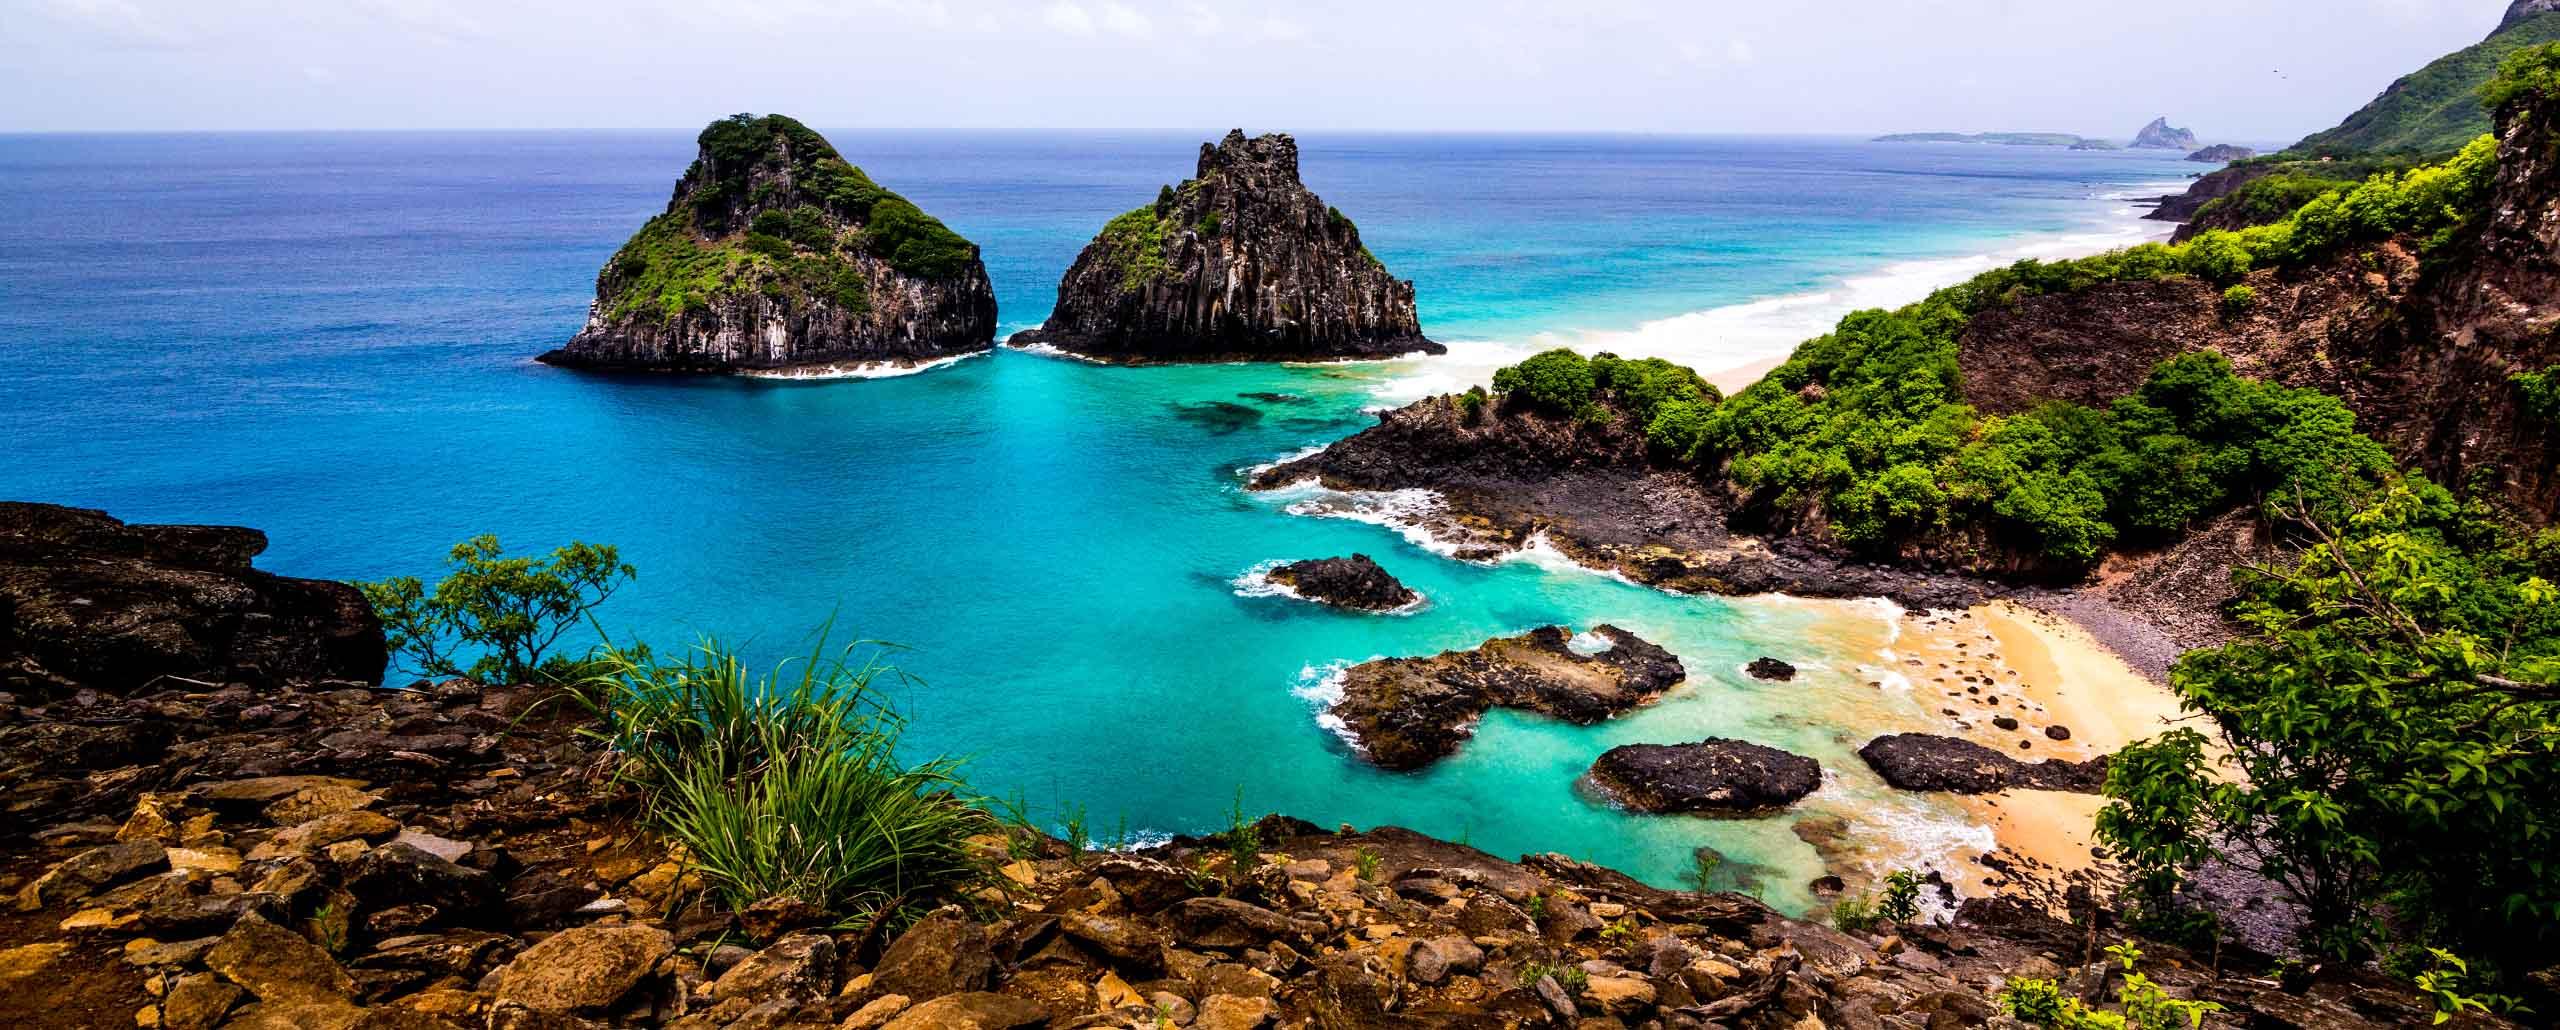 A visão da Praia dos Porcos e da Ilha Dois Irmãos no arquipélago de Fernando de Noronha com suas cores intensas ressaltadas pelo sol sobre o mar.